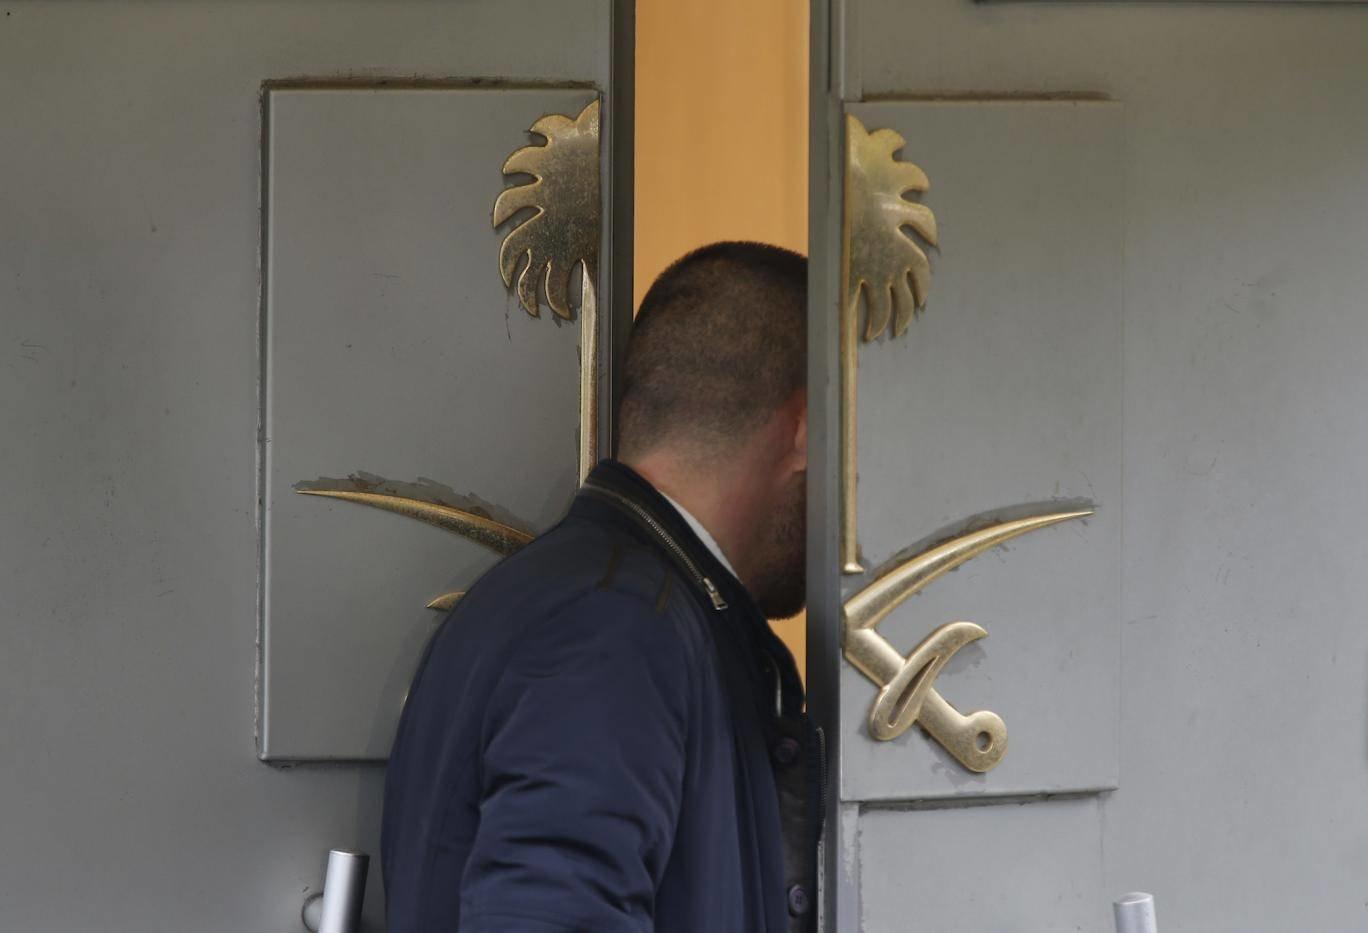 Η δολοφονία του Κασόγκι και το γεωπολιτικό πόκερ στην ευρύτερη περιοχή της Μέσης